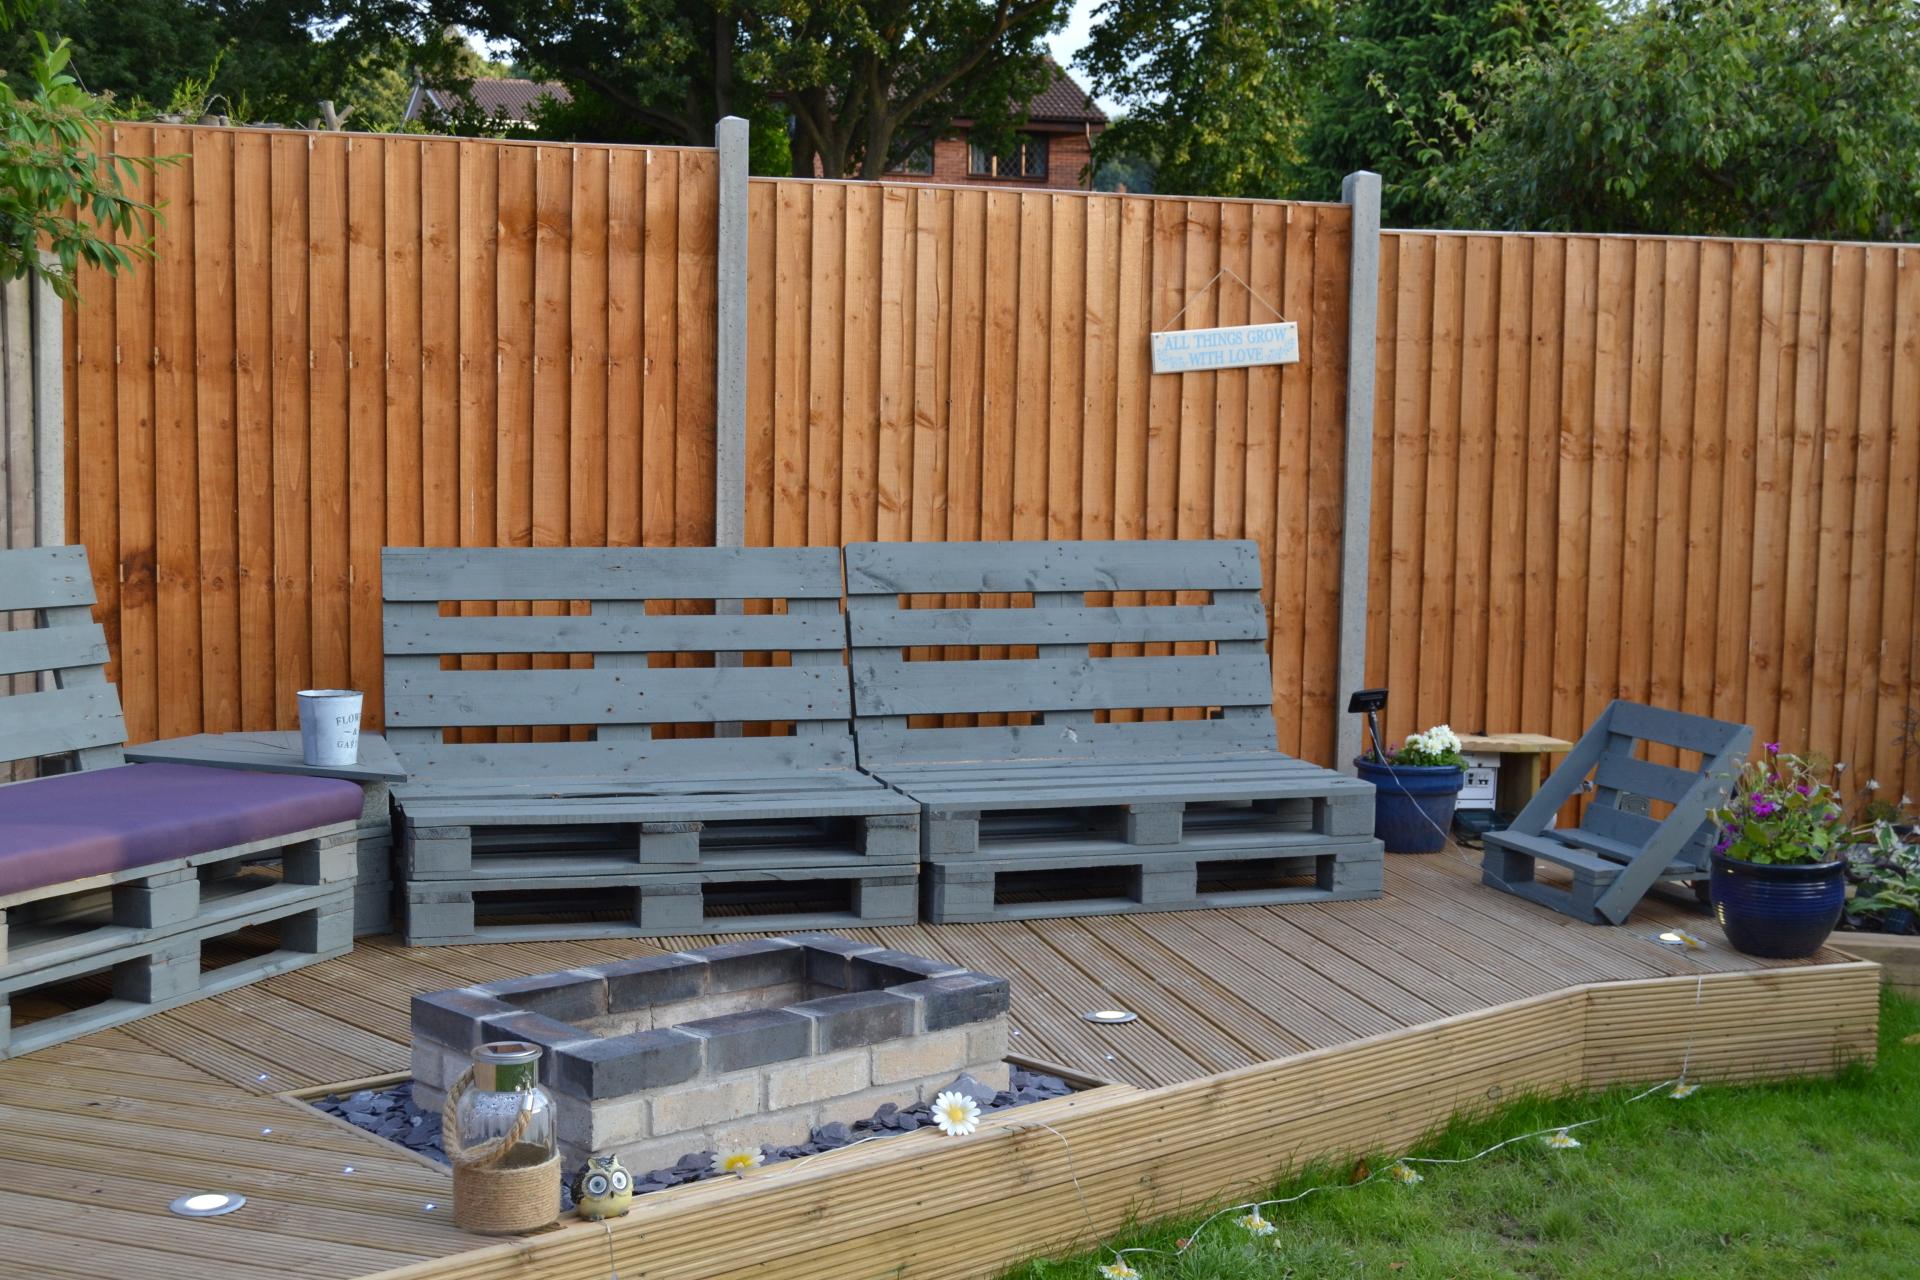 pallet furniture decking Stratford-upon-avon